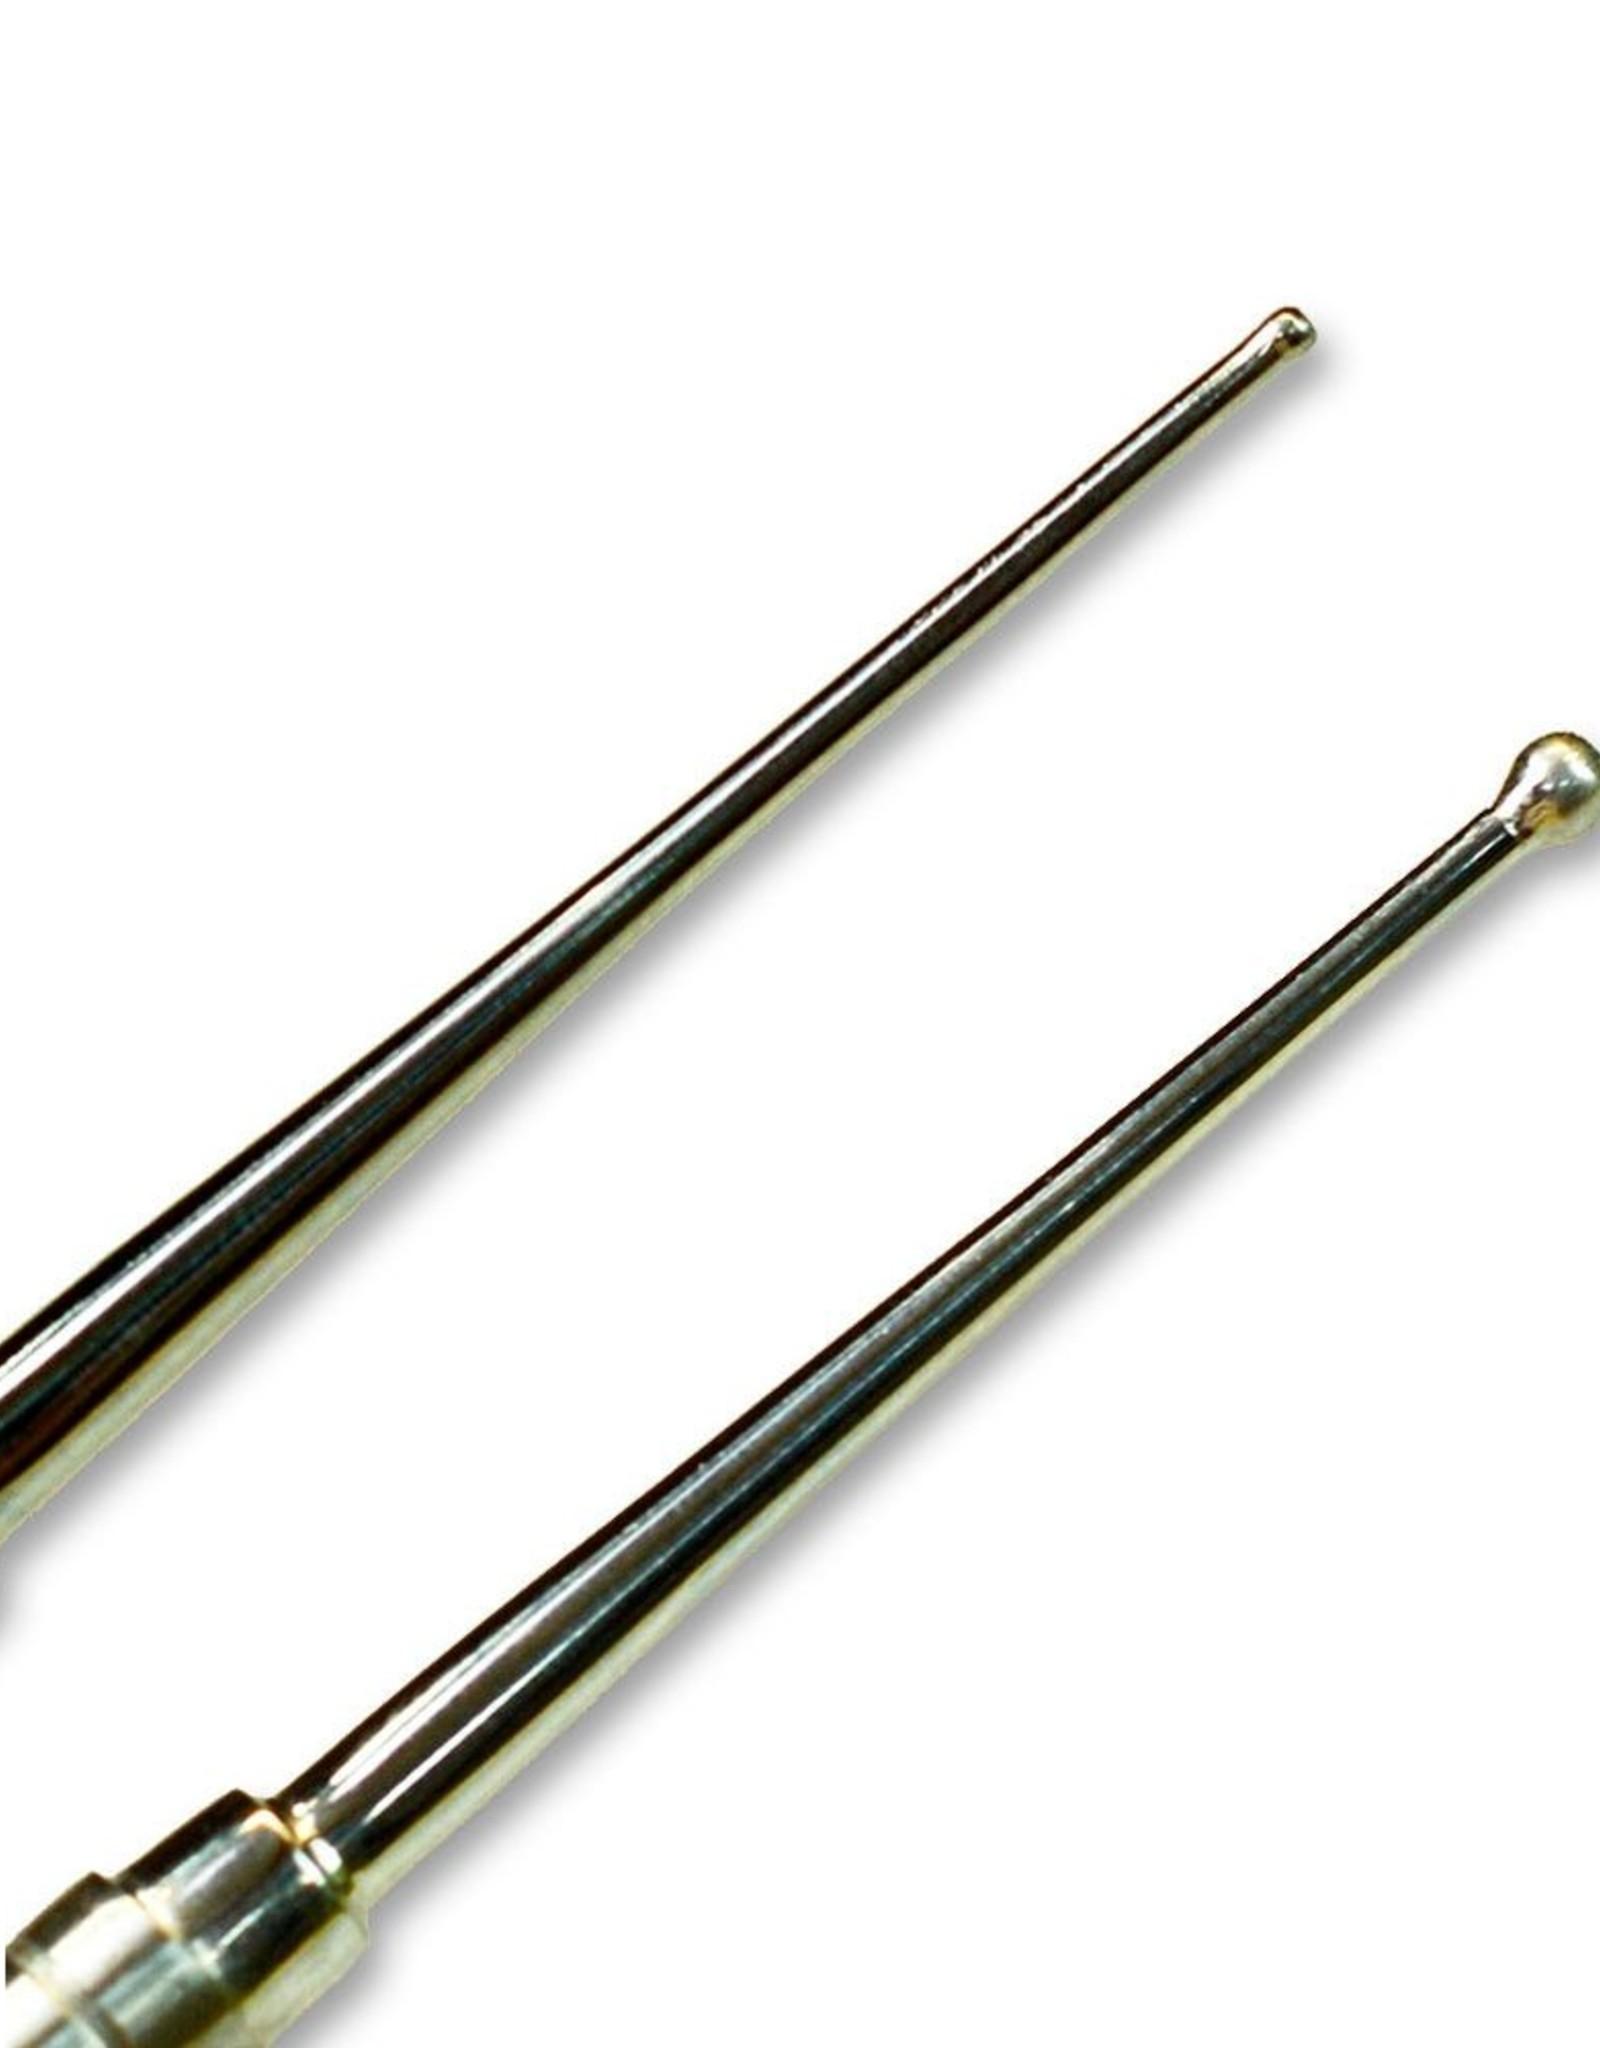 Dekofee Dekofee Stainless Steel Tool #3